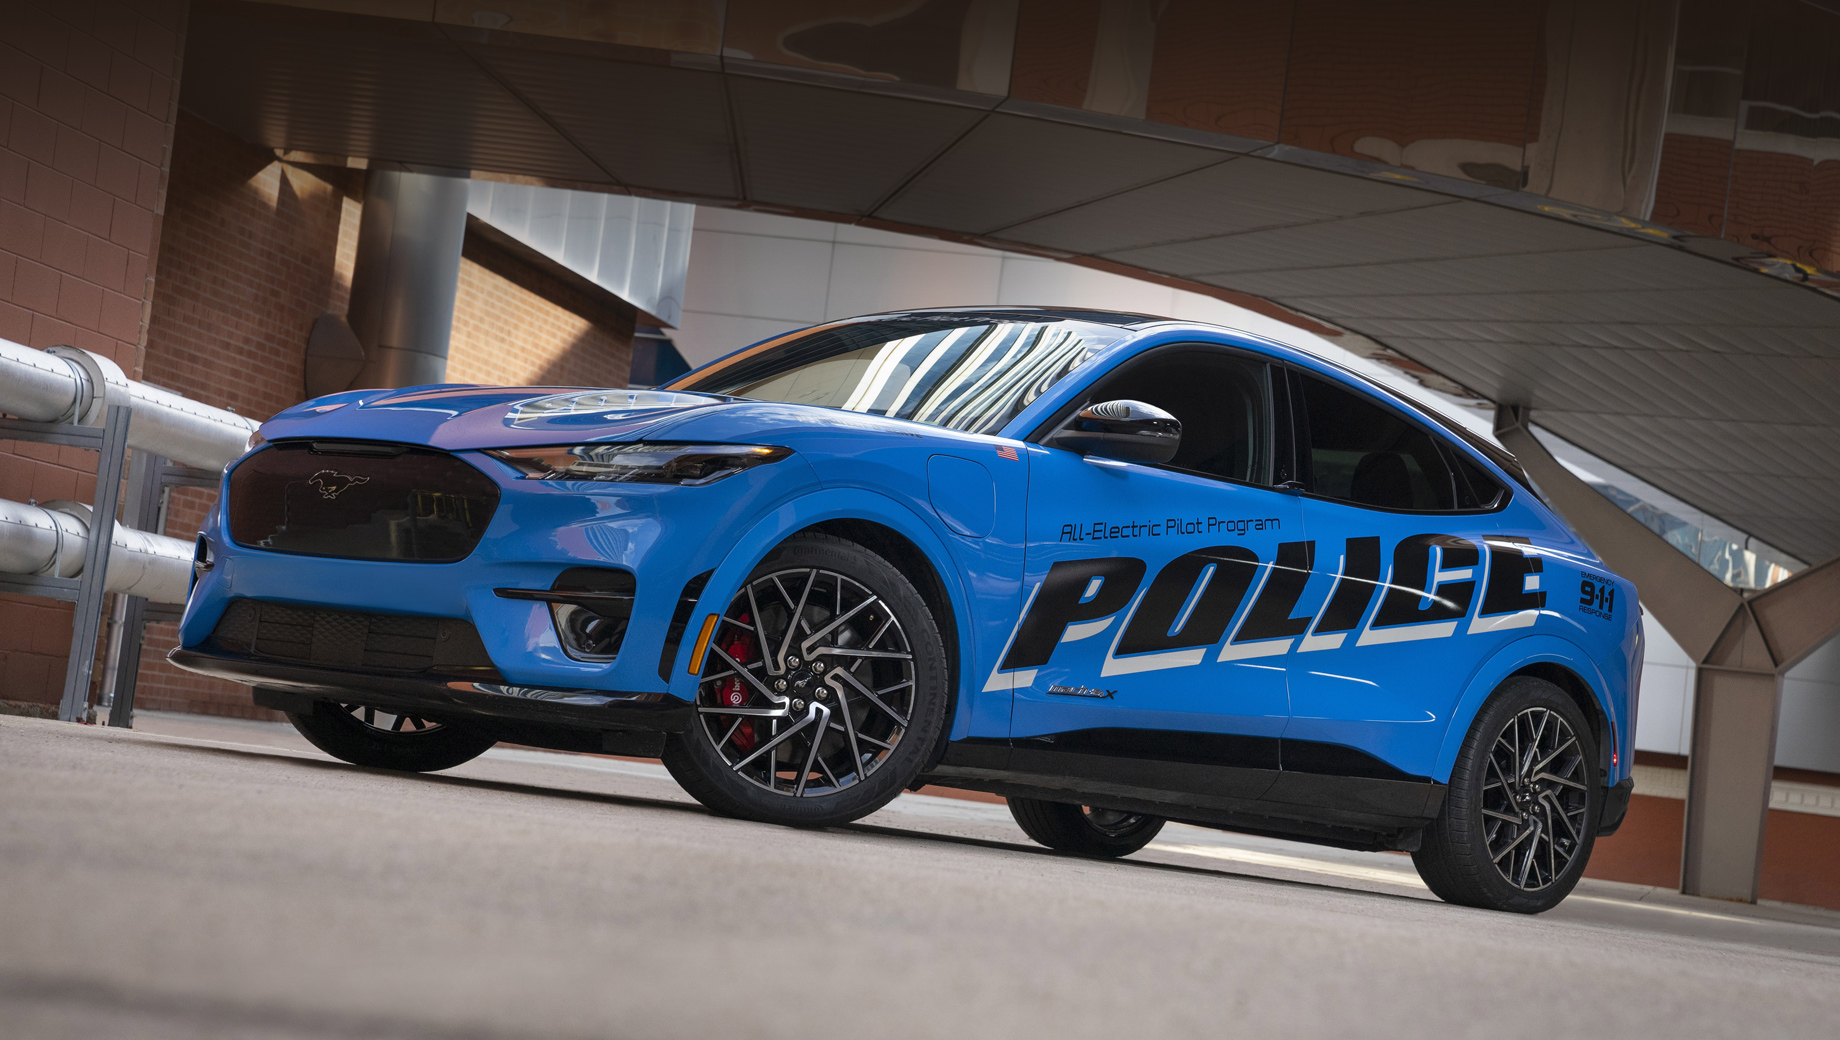 Ford mustang mach-e. В разных странах давно можно увидеть полицию, разъезжающую на электрокарах, но всё же электрические кроссоверы в такой роли — редкость.